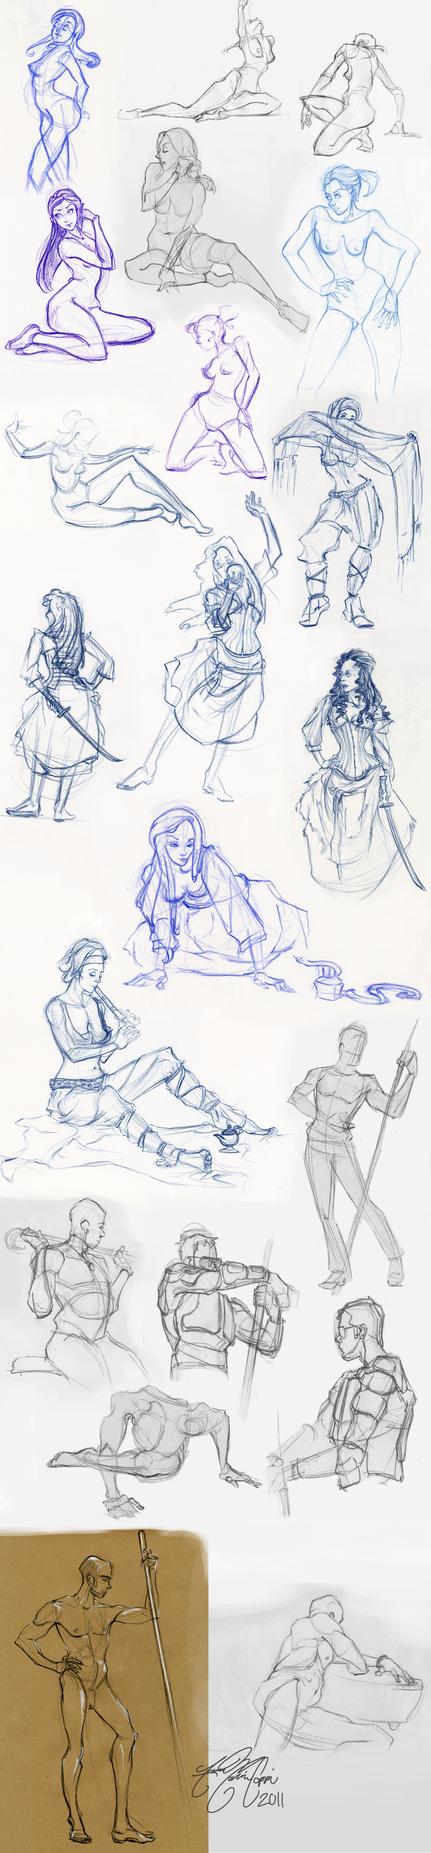 2011 Life Drawings by linkfreak131